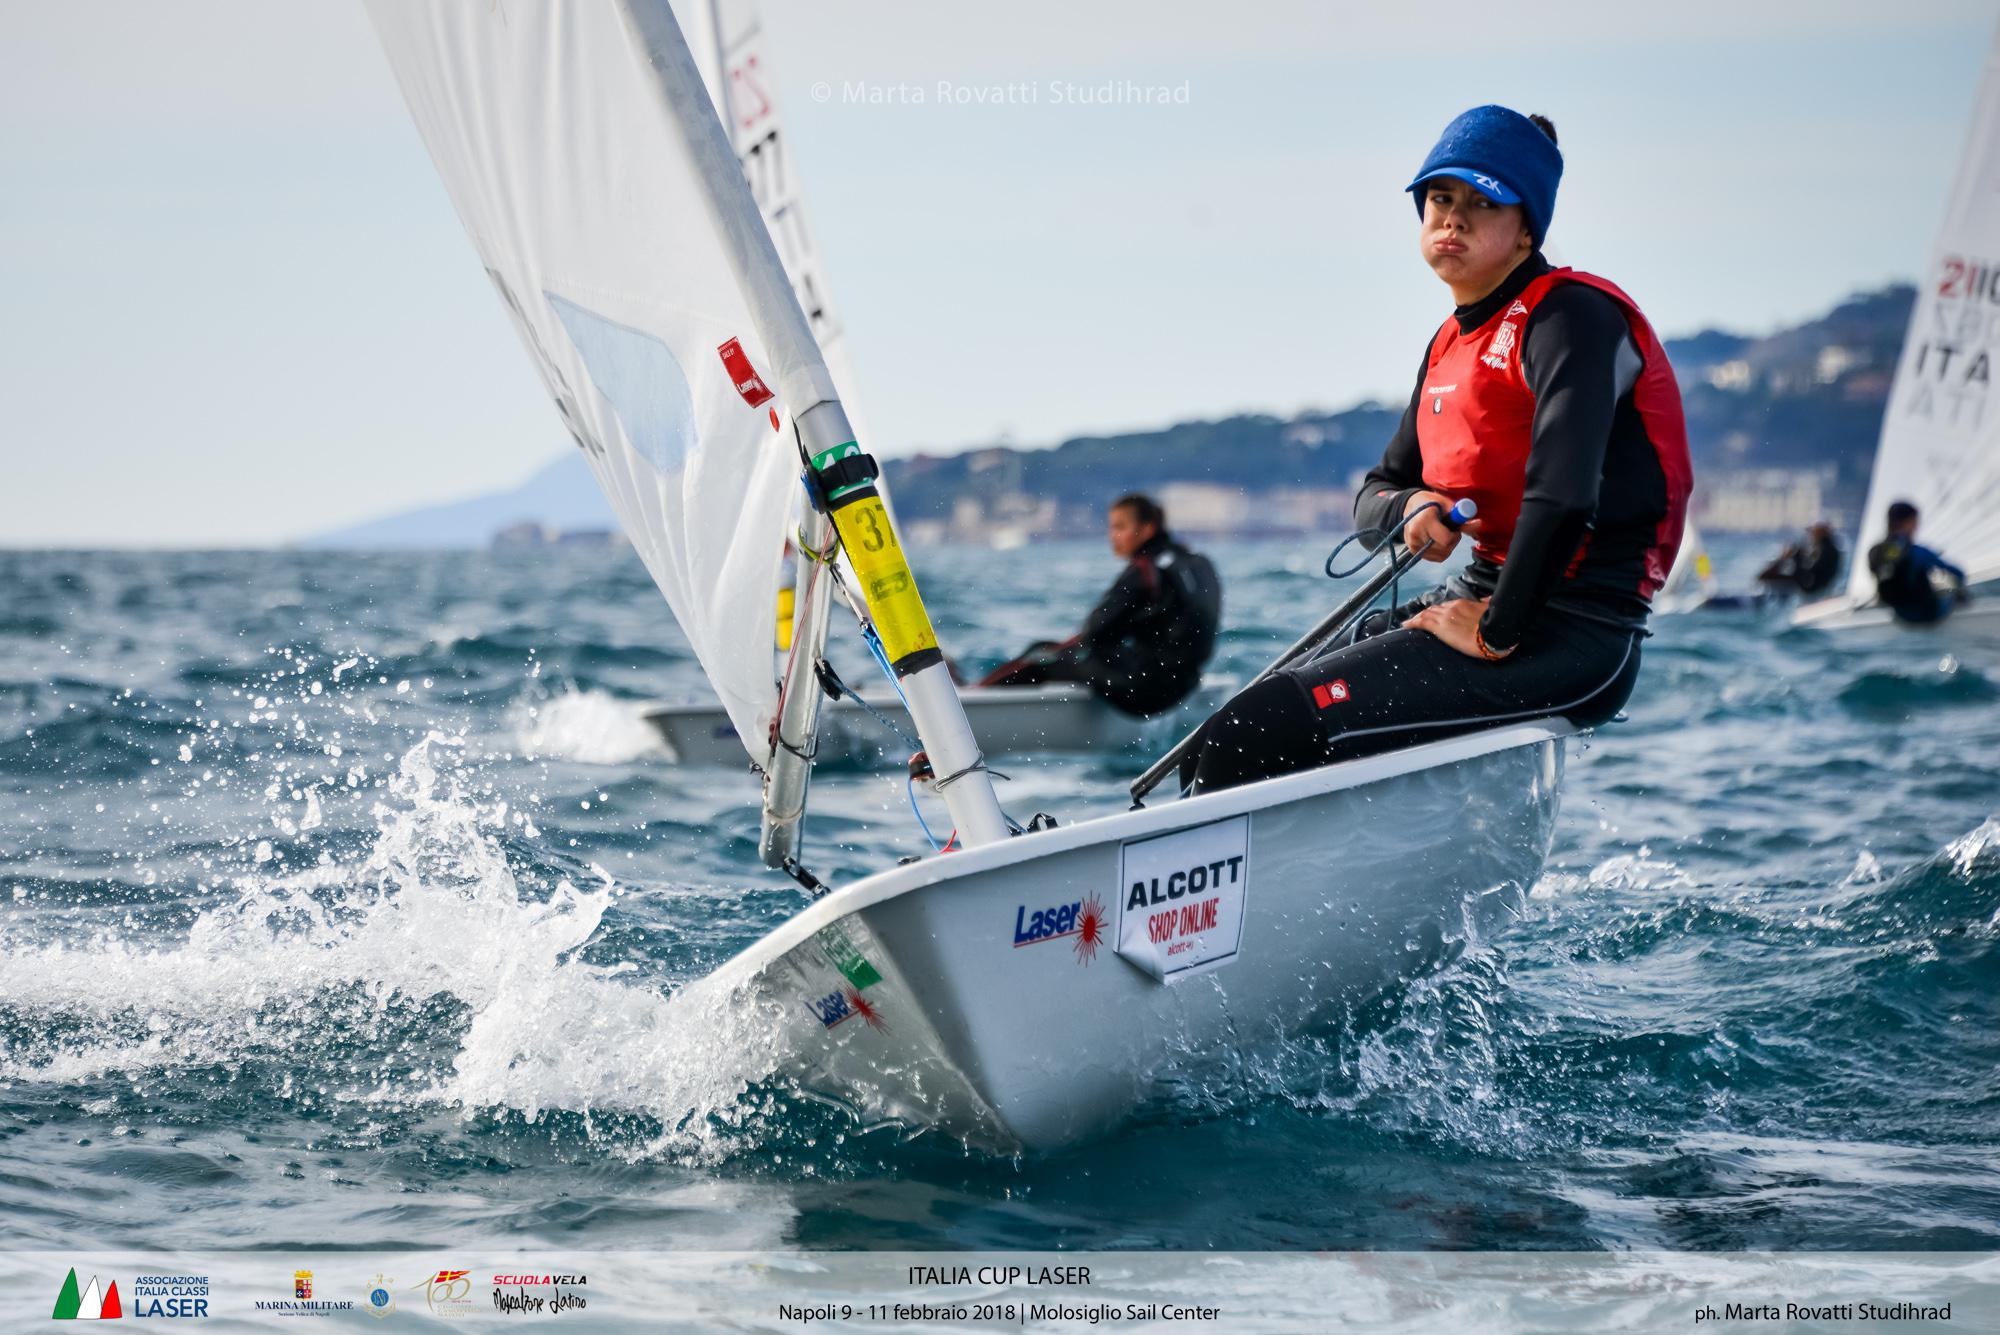 Associazione-Italia-Classi-Laser-2018-NapoliMGR_1301